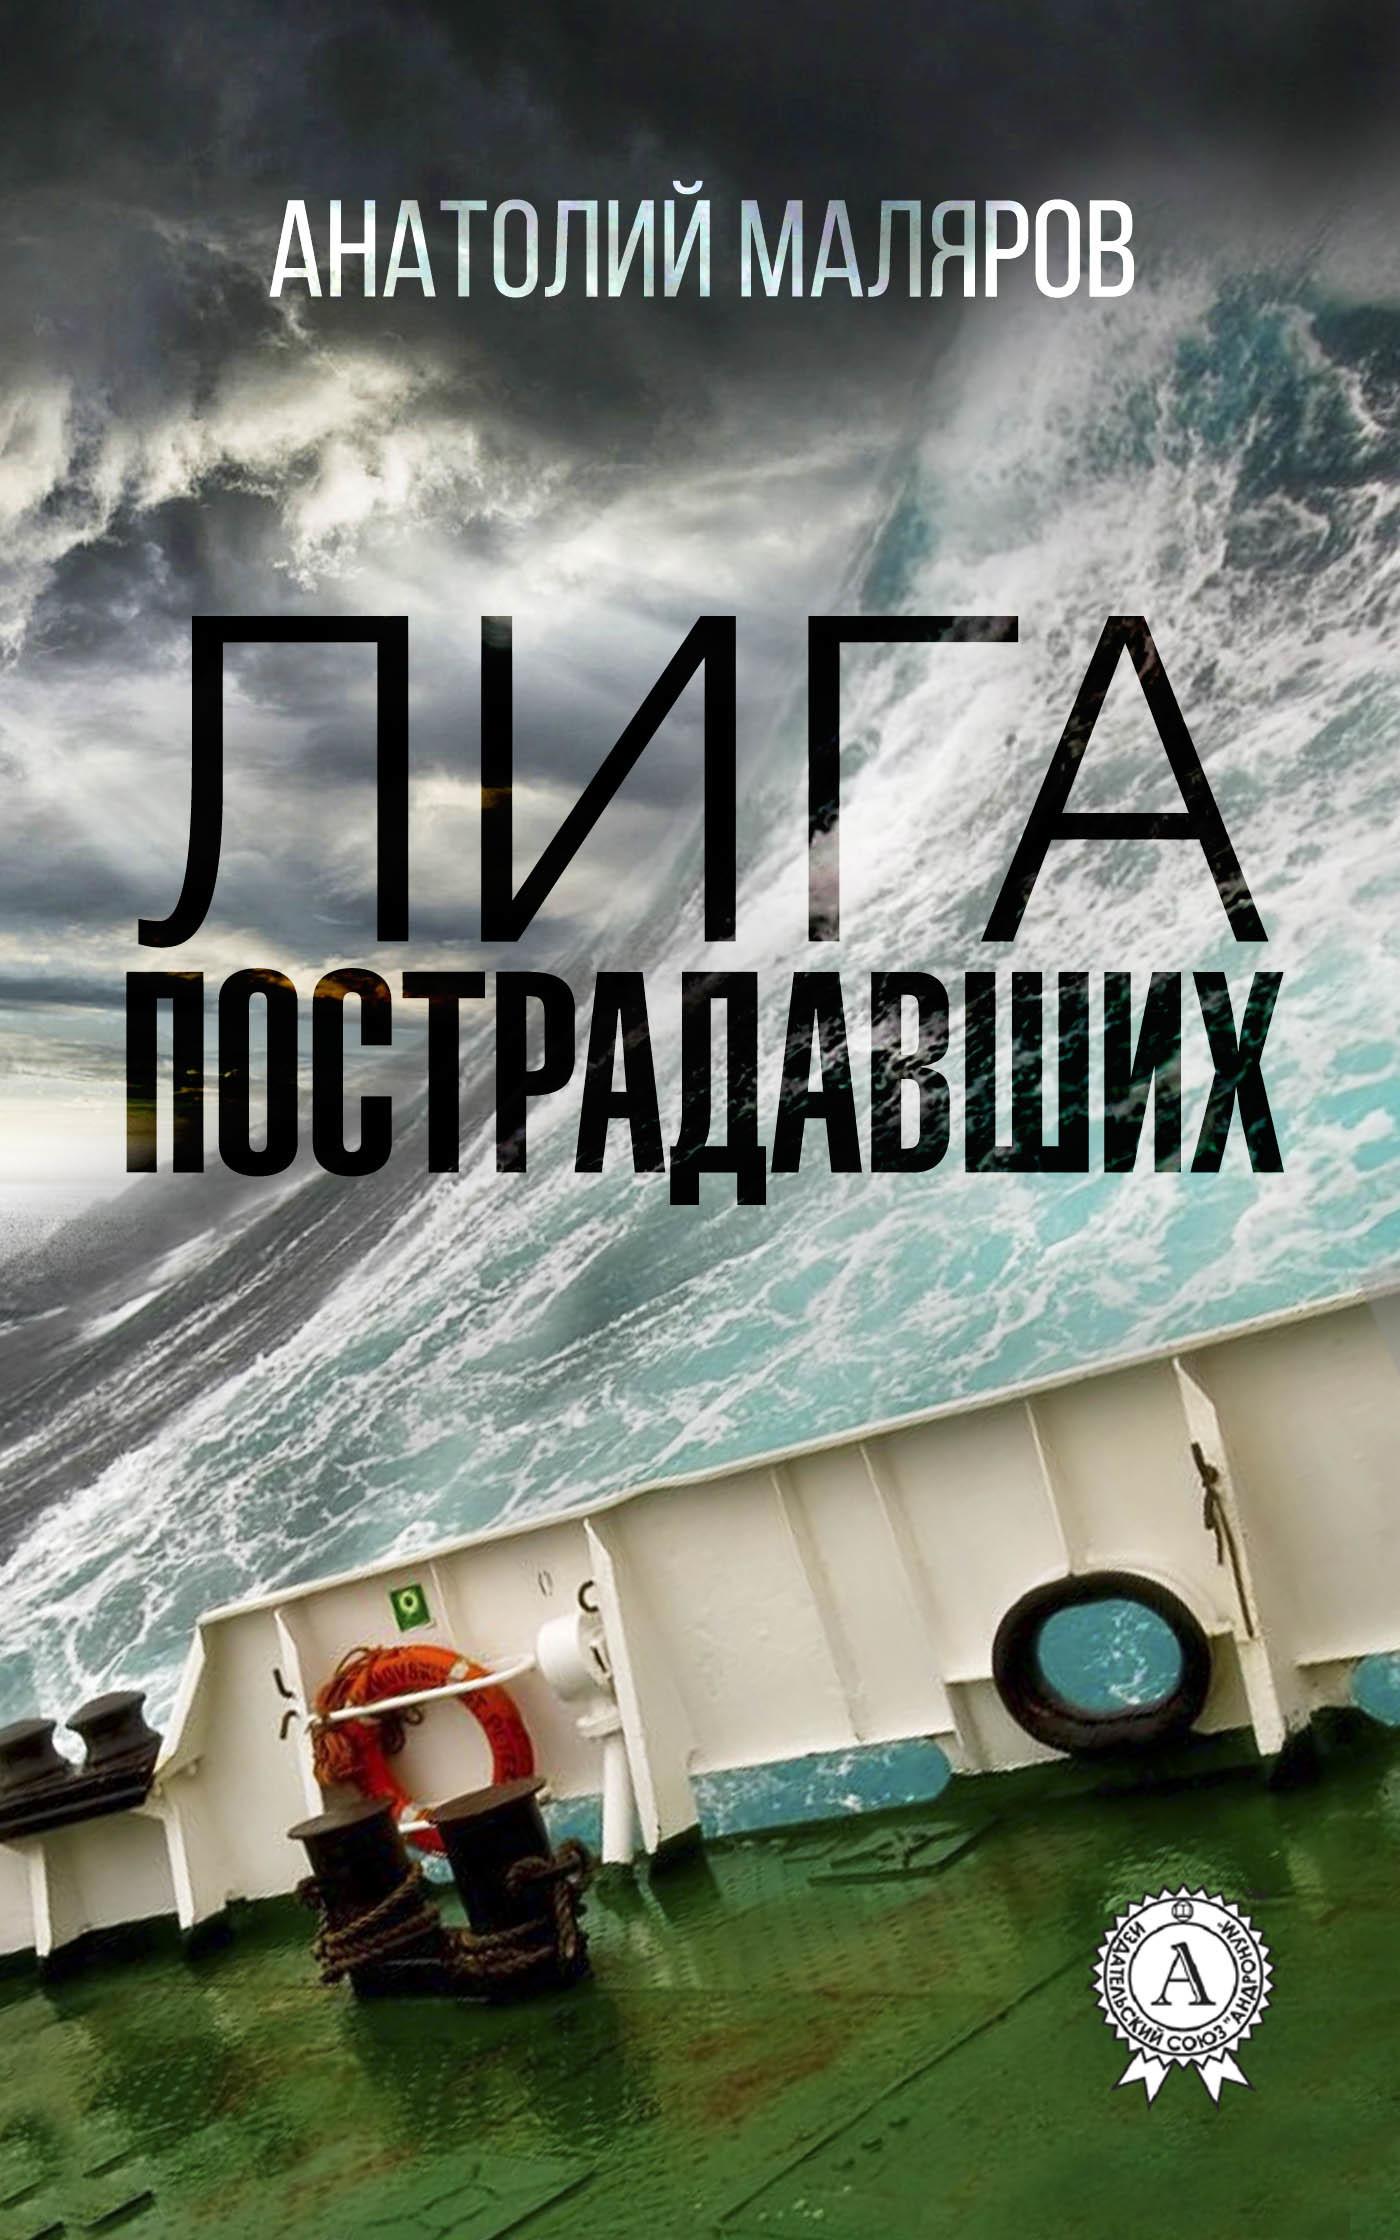 Анатолий Маляров Лига пострадавших